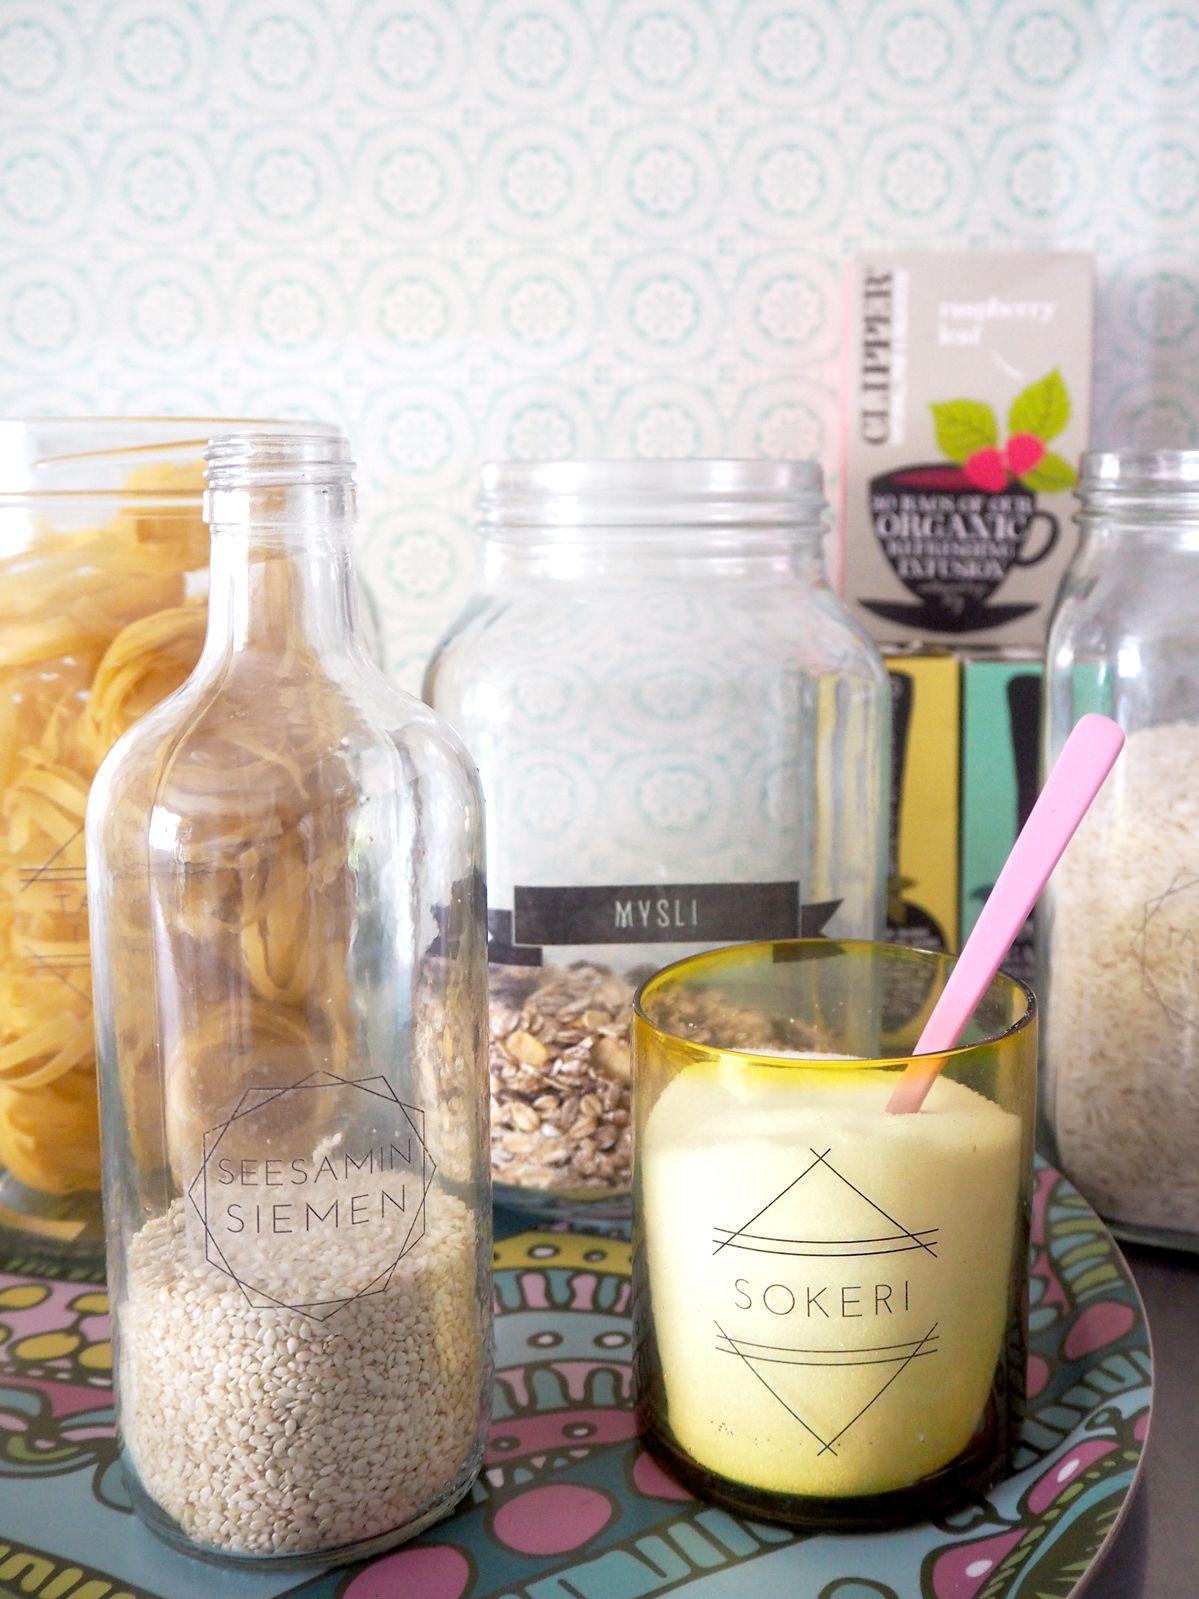 Tee itse helposti läpinäkyvät tarrat kuiva-ainepurnukoihin > a-supermarket.com #DIY #askartelu #teeseitse